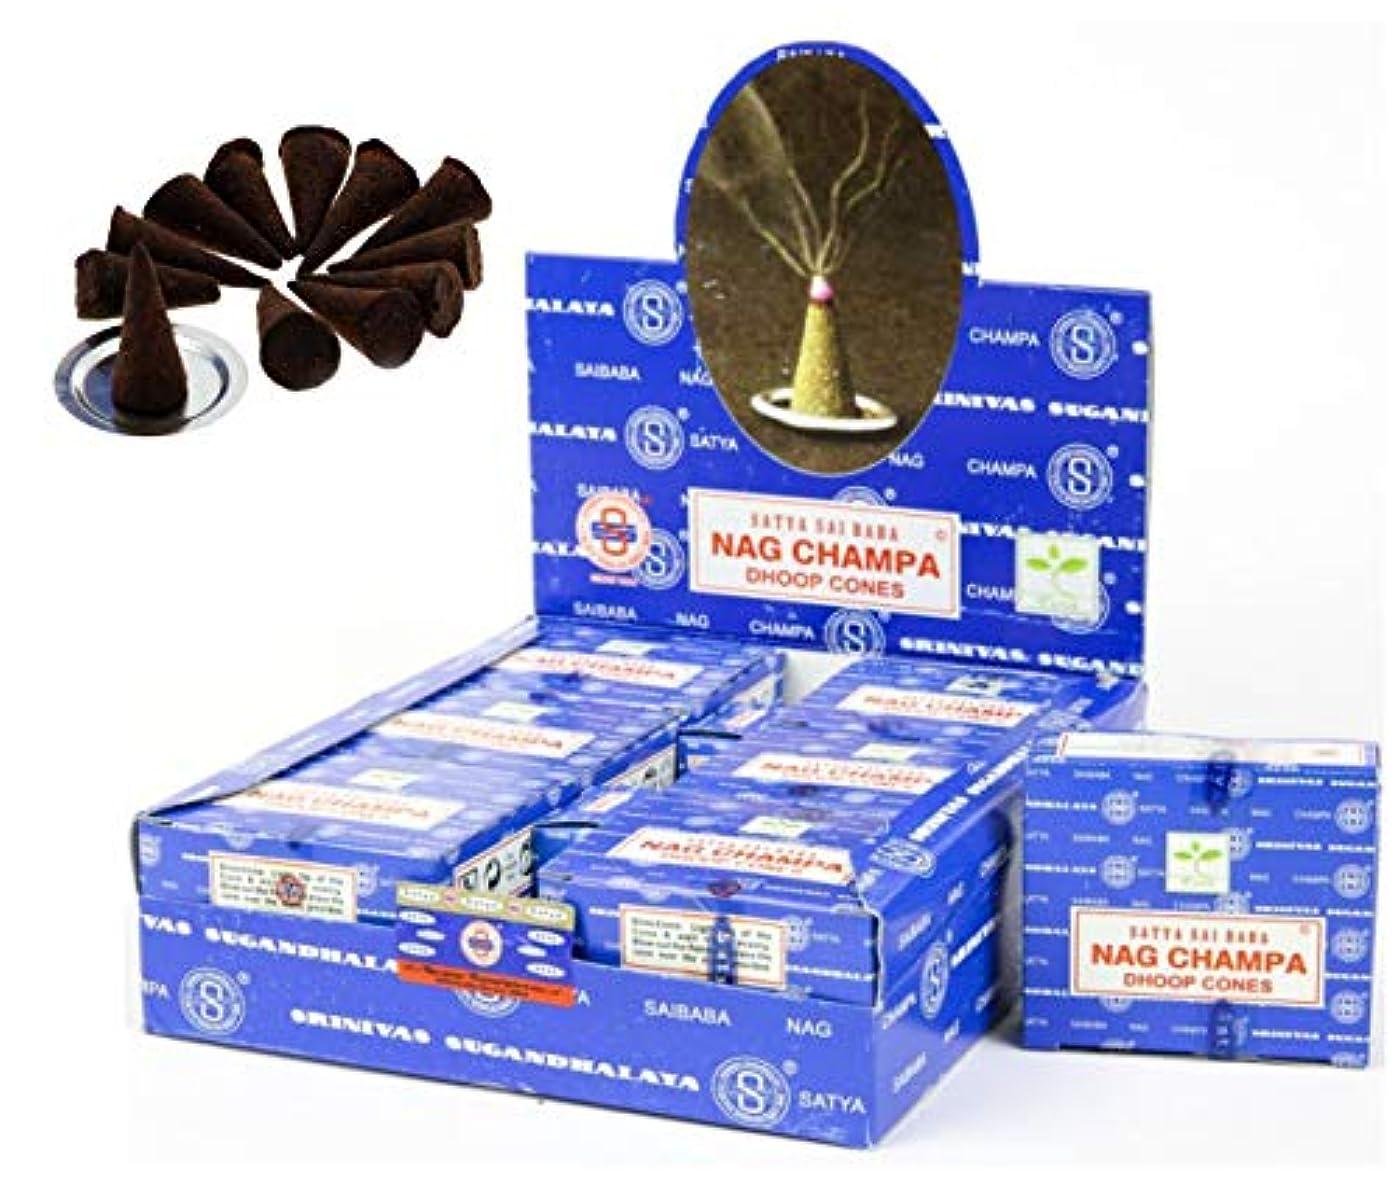 キャンペーンクリーナー非武装化Craftozone Satya Sai Baba Nag Champa Agarbatti 12個パック 香り